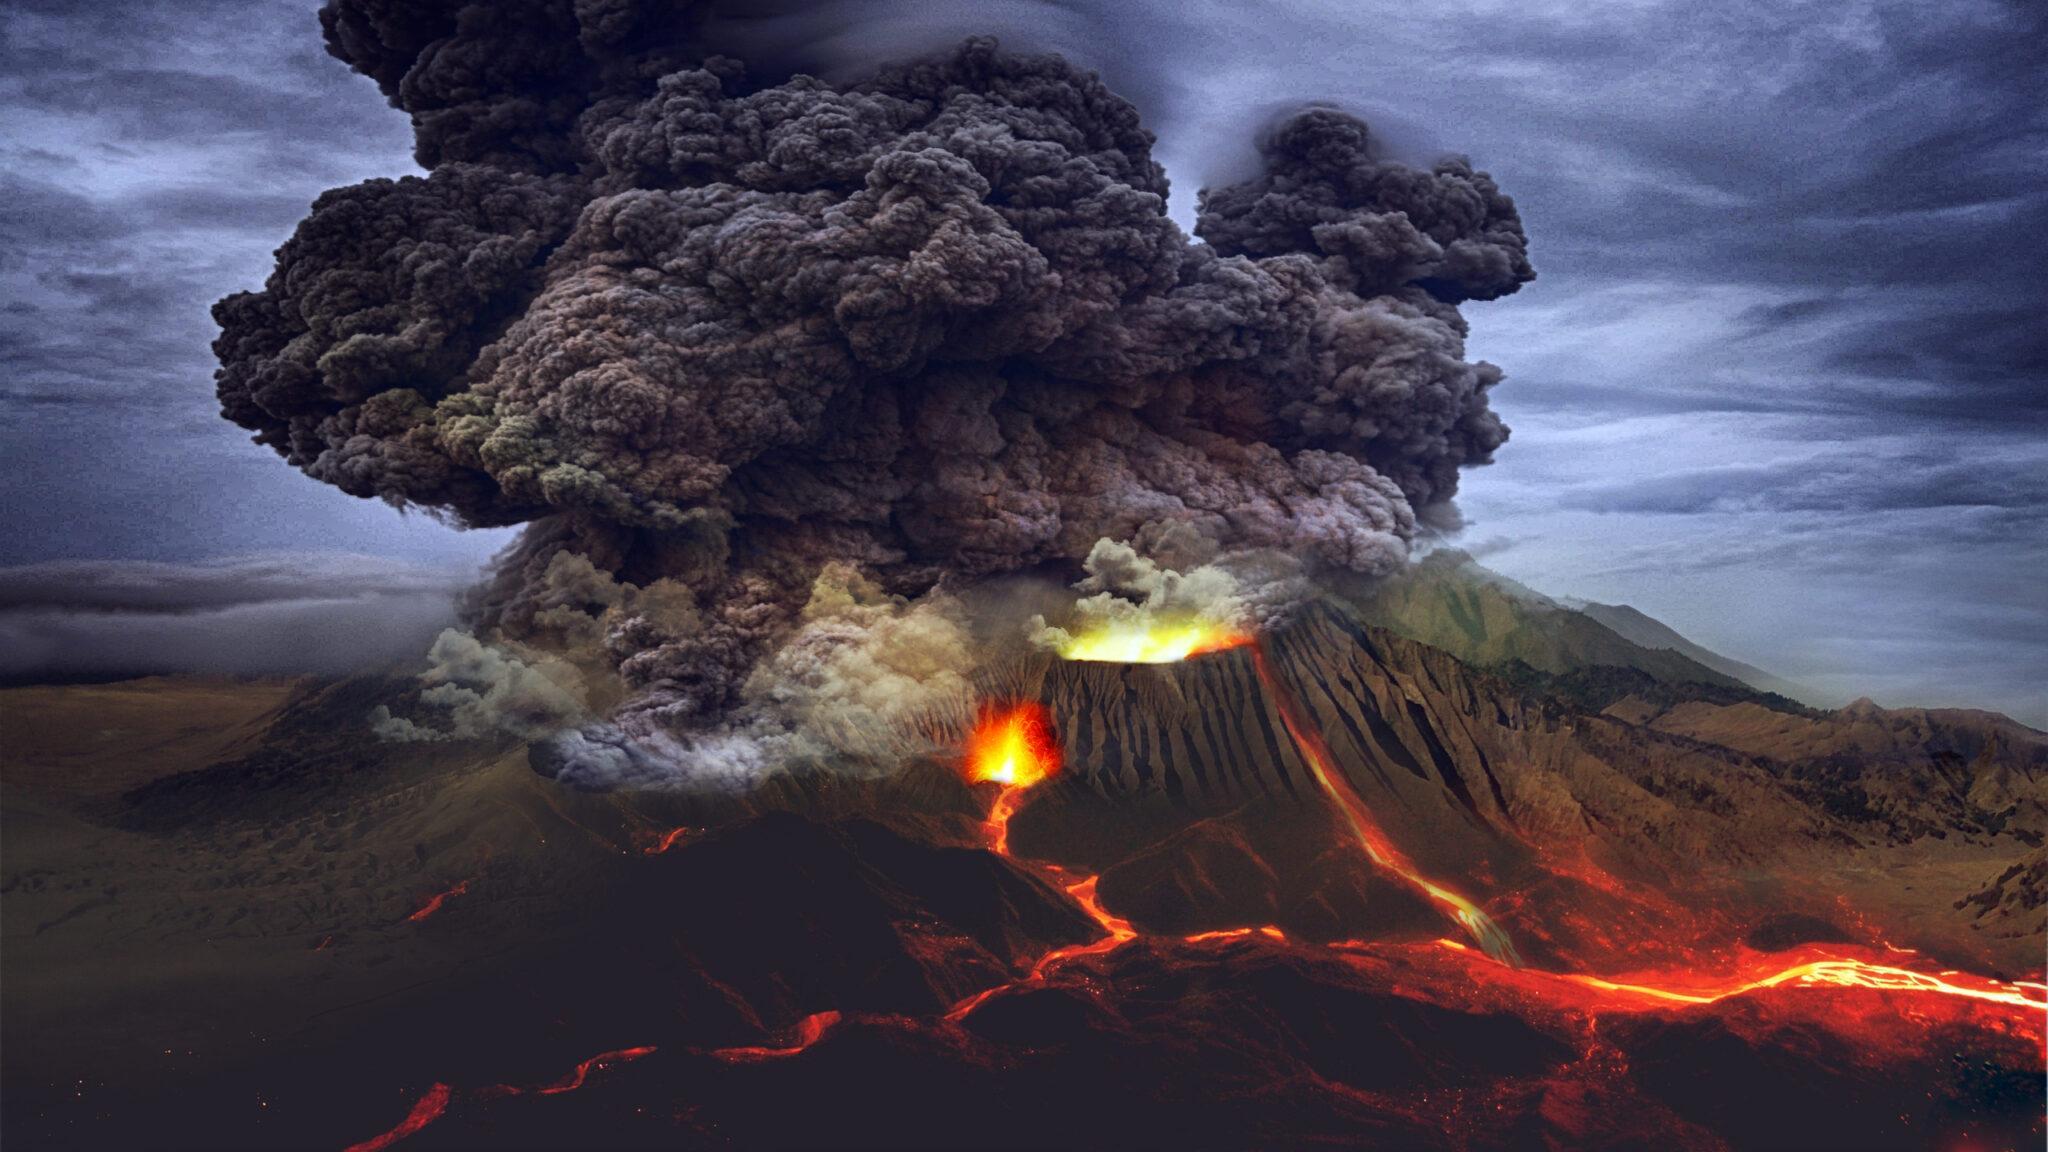 Ein ausbrechender Vulkan mit dramatisch riesiger dunkler Aschewolke und leuchtend roten Lavaströmen.